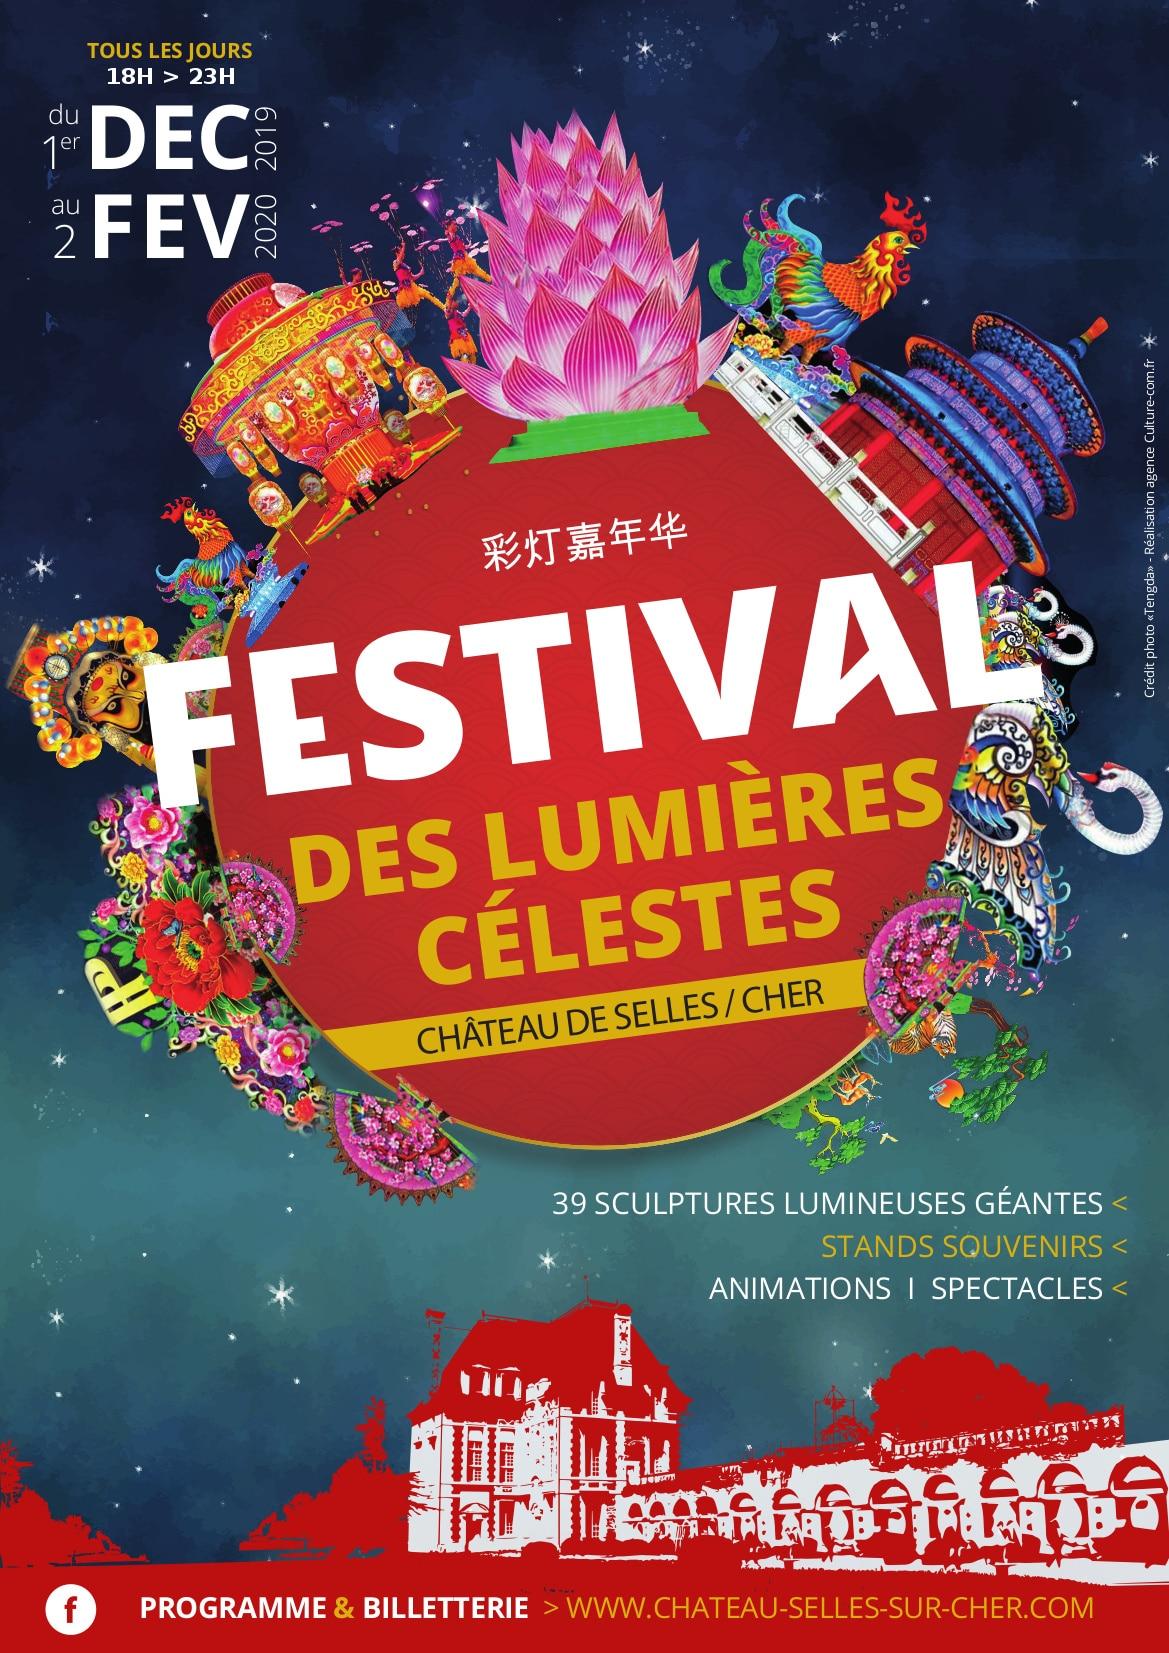 Festival des lumières célestes # Selles sur Cher @ Château